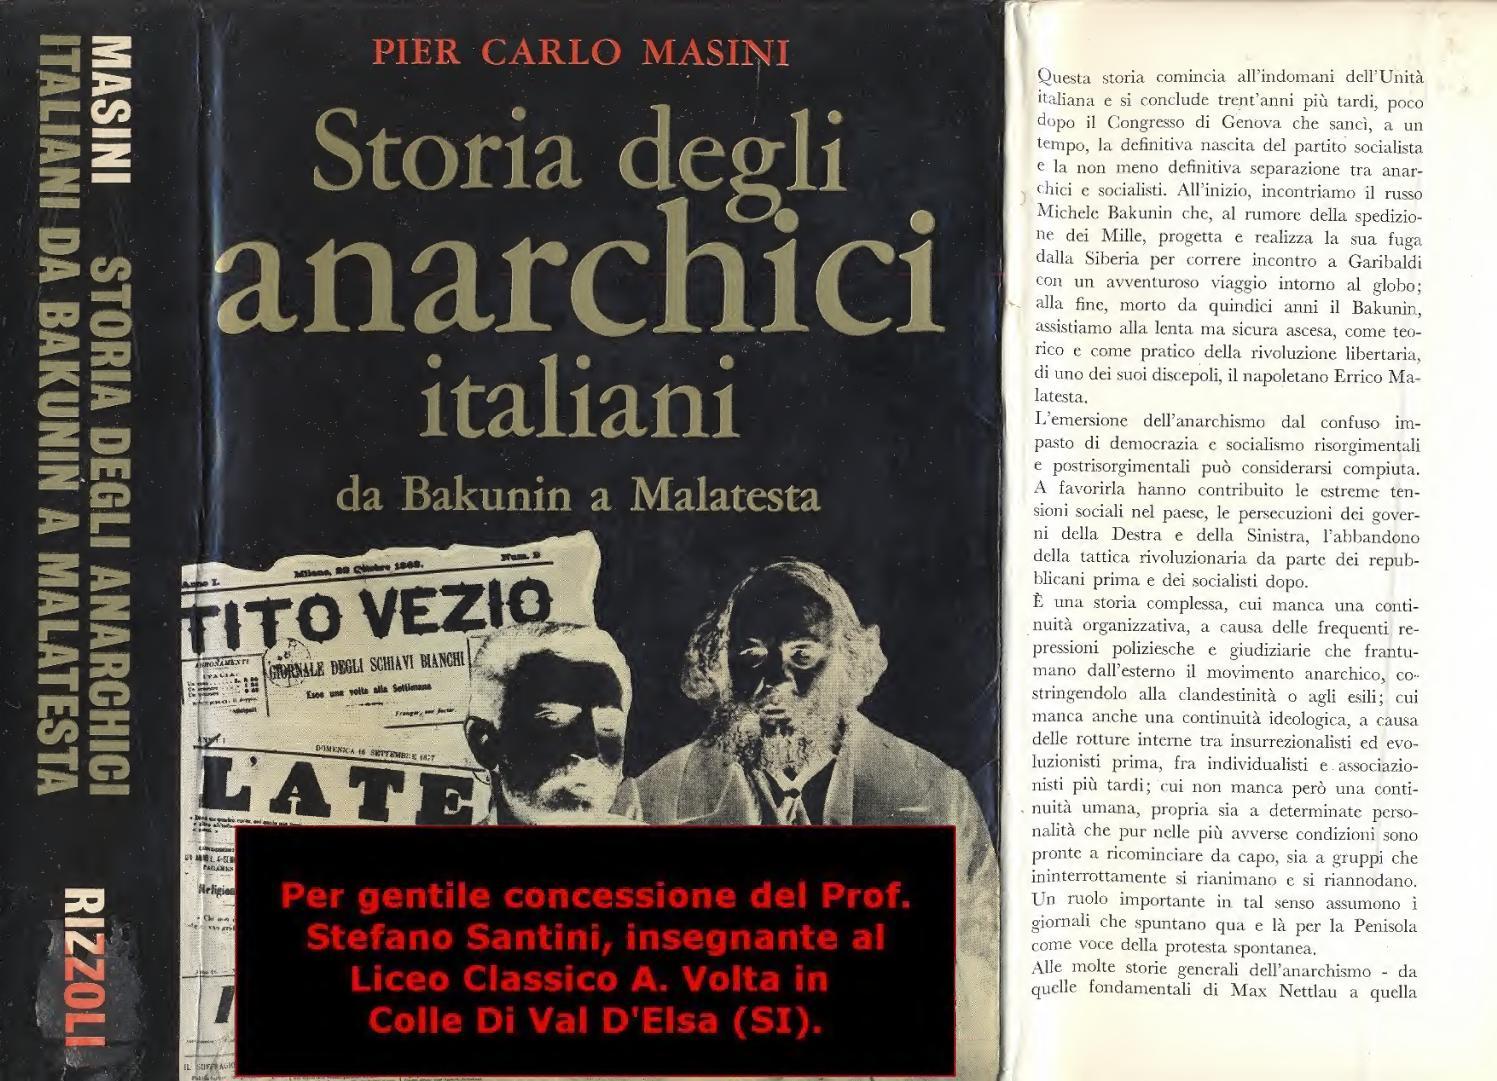 Pier carlo masini storia degli anarchici italiani da bakunin a